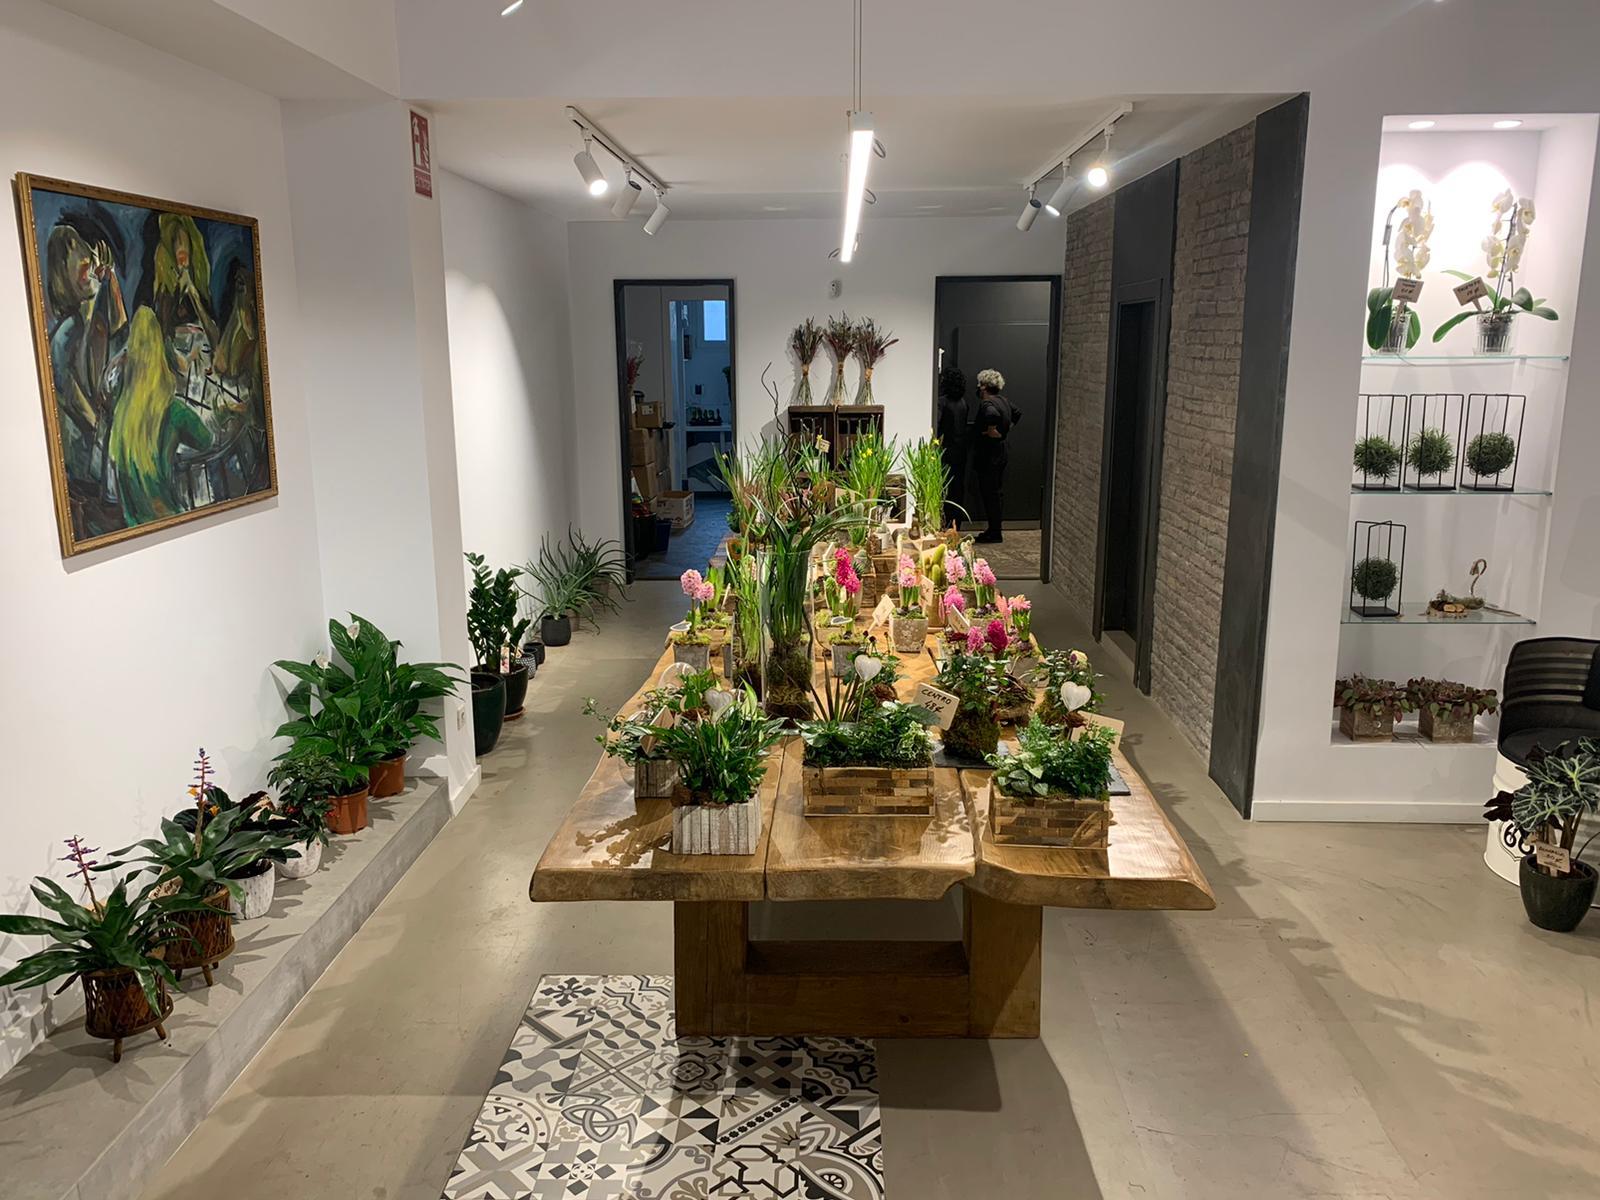 Interior de la tienda, con la mesa donde realizarán talleres